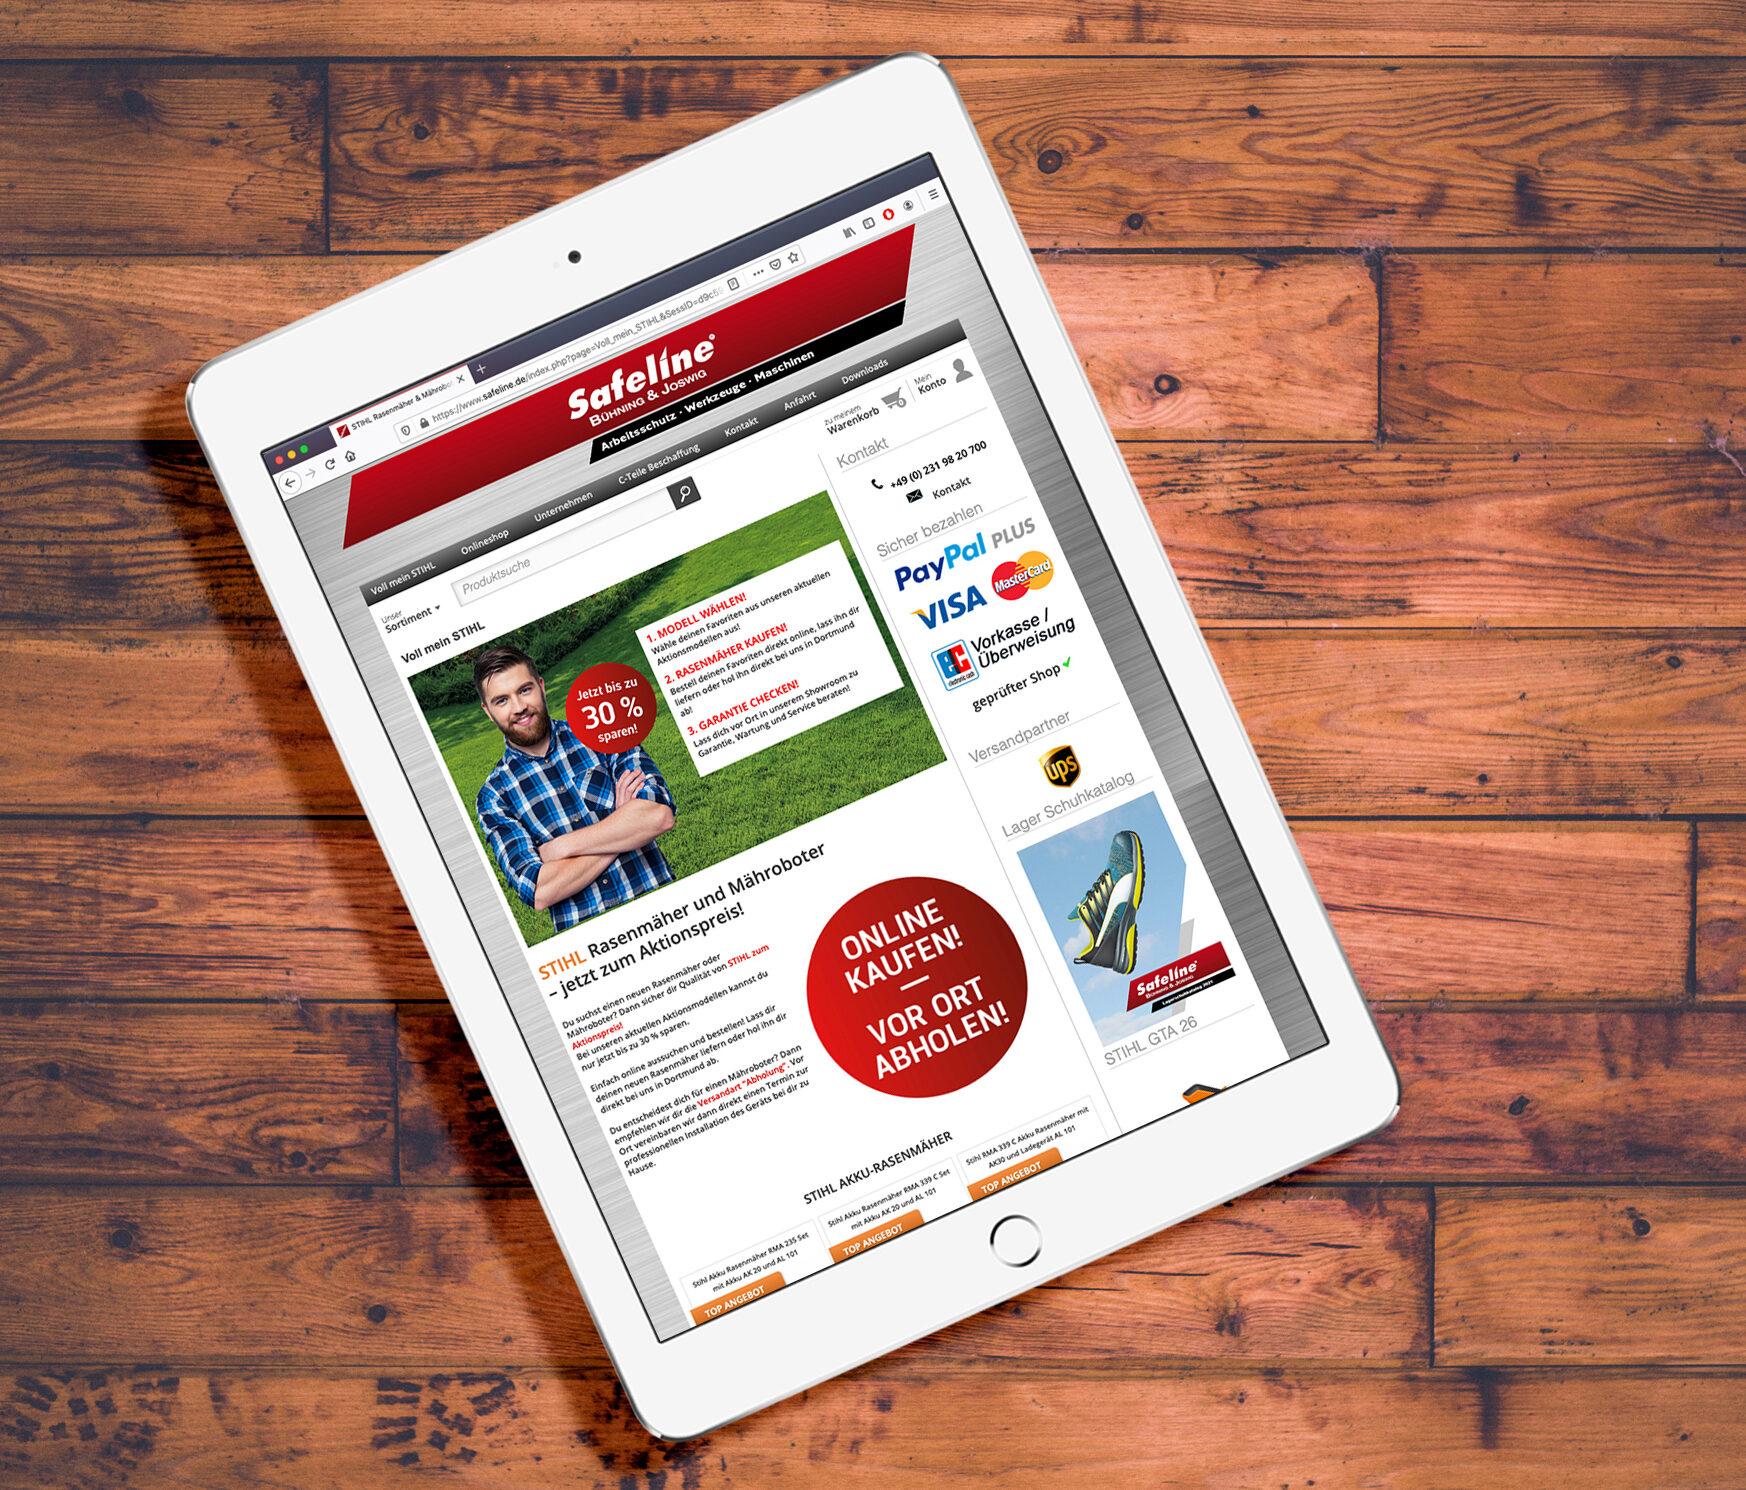 Landingpage zur Mailing Aktion von Safeline